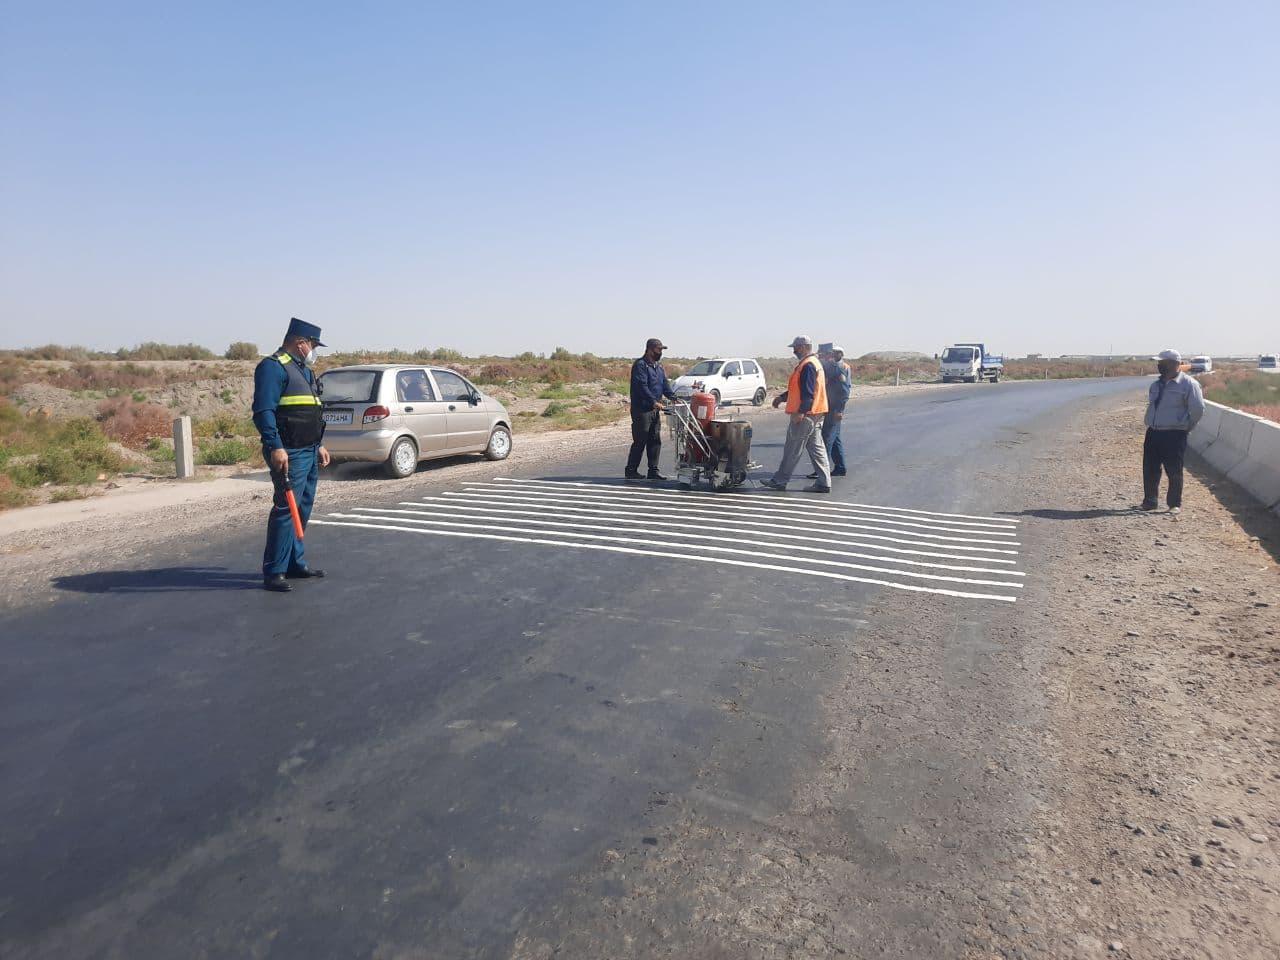 По всей республике на дорогах начали наносить шумовые полосы